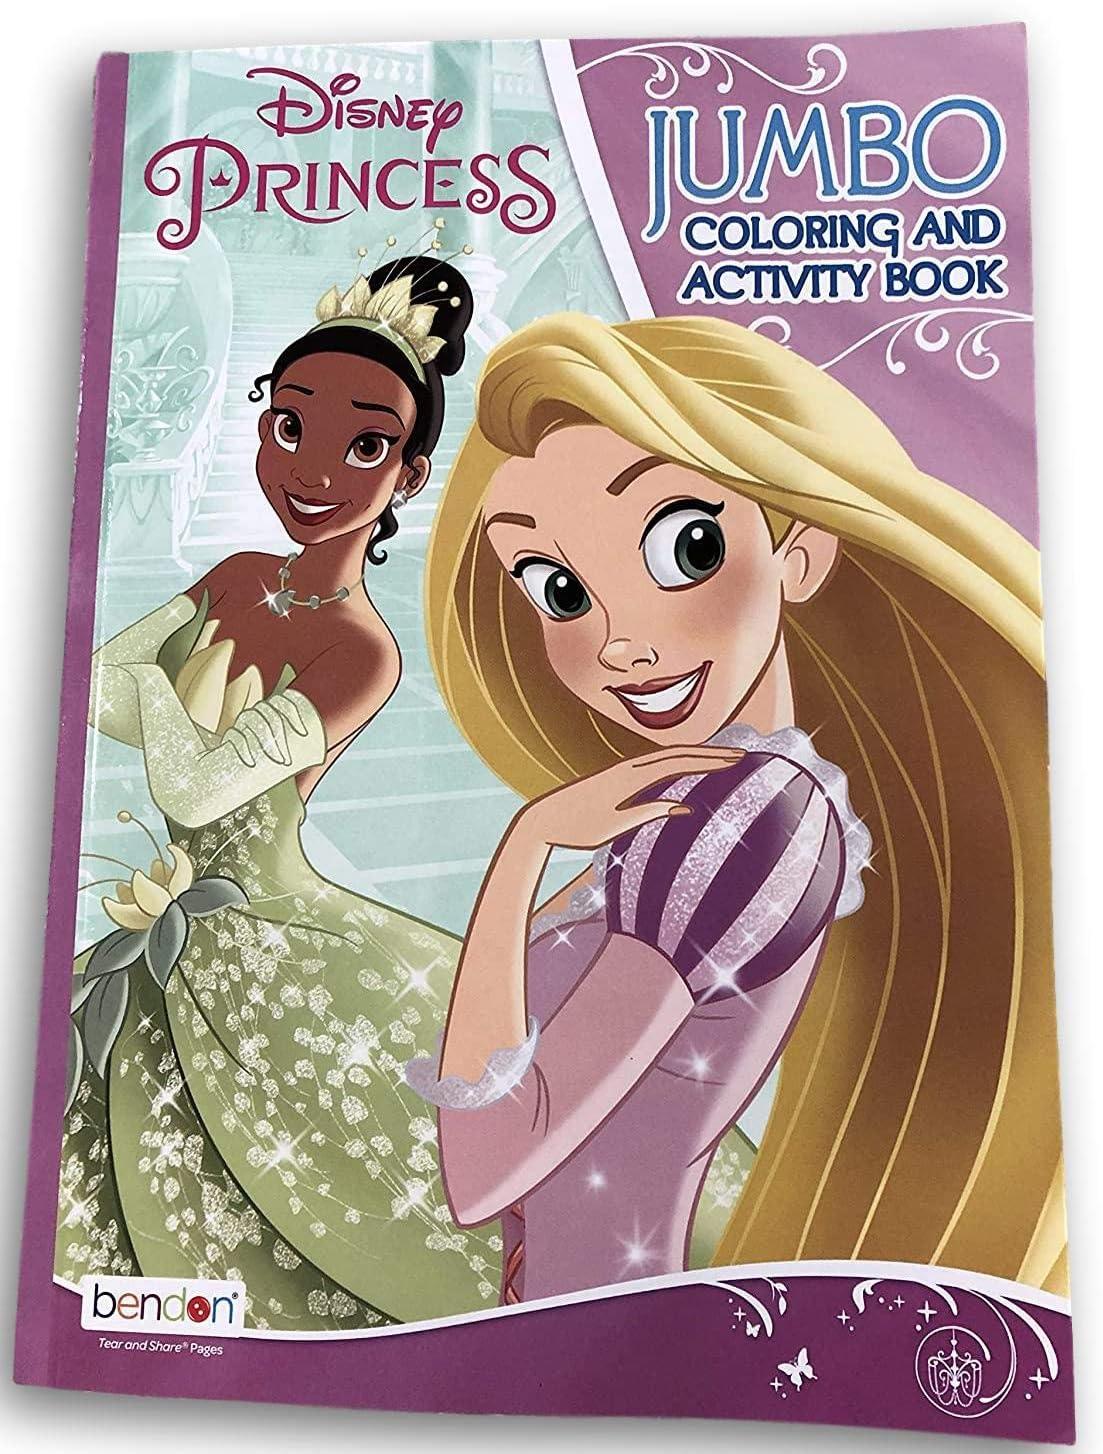 Bendon Disney Princess Jumbo Coloring and Activity Book with Princess Tiana and Ariel